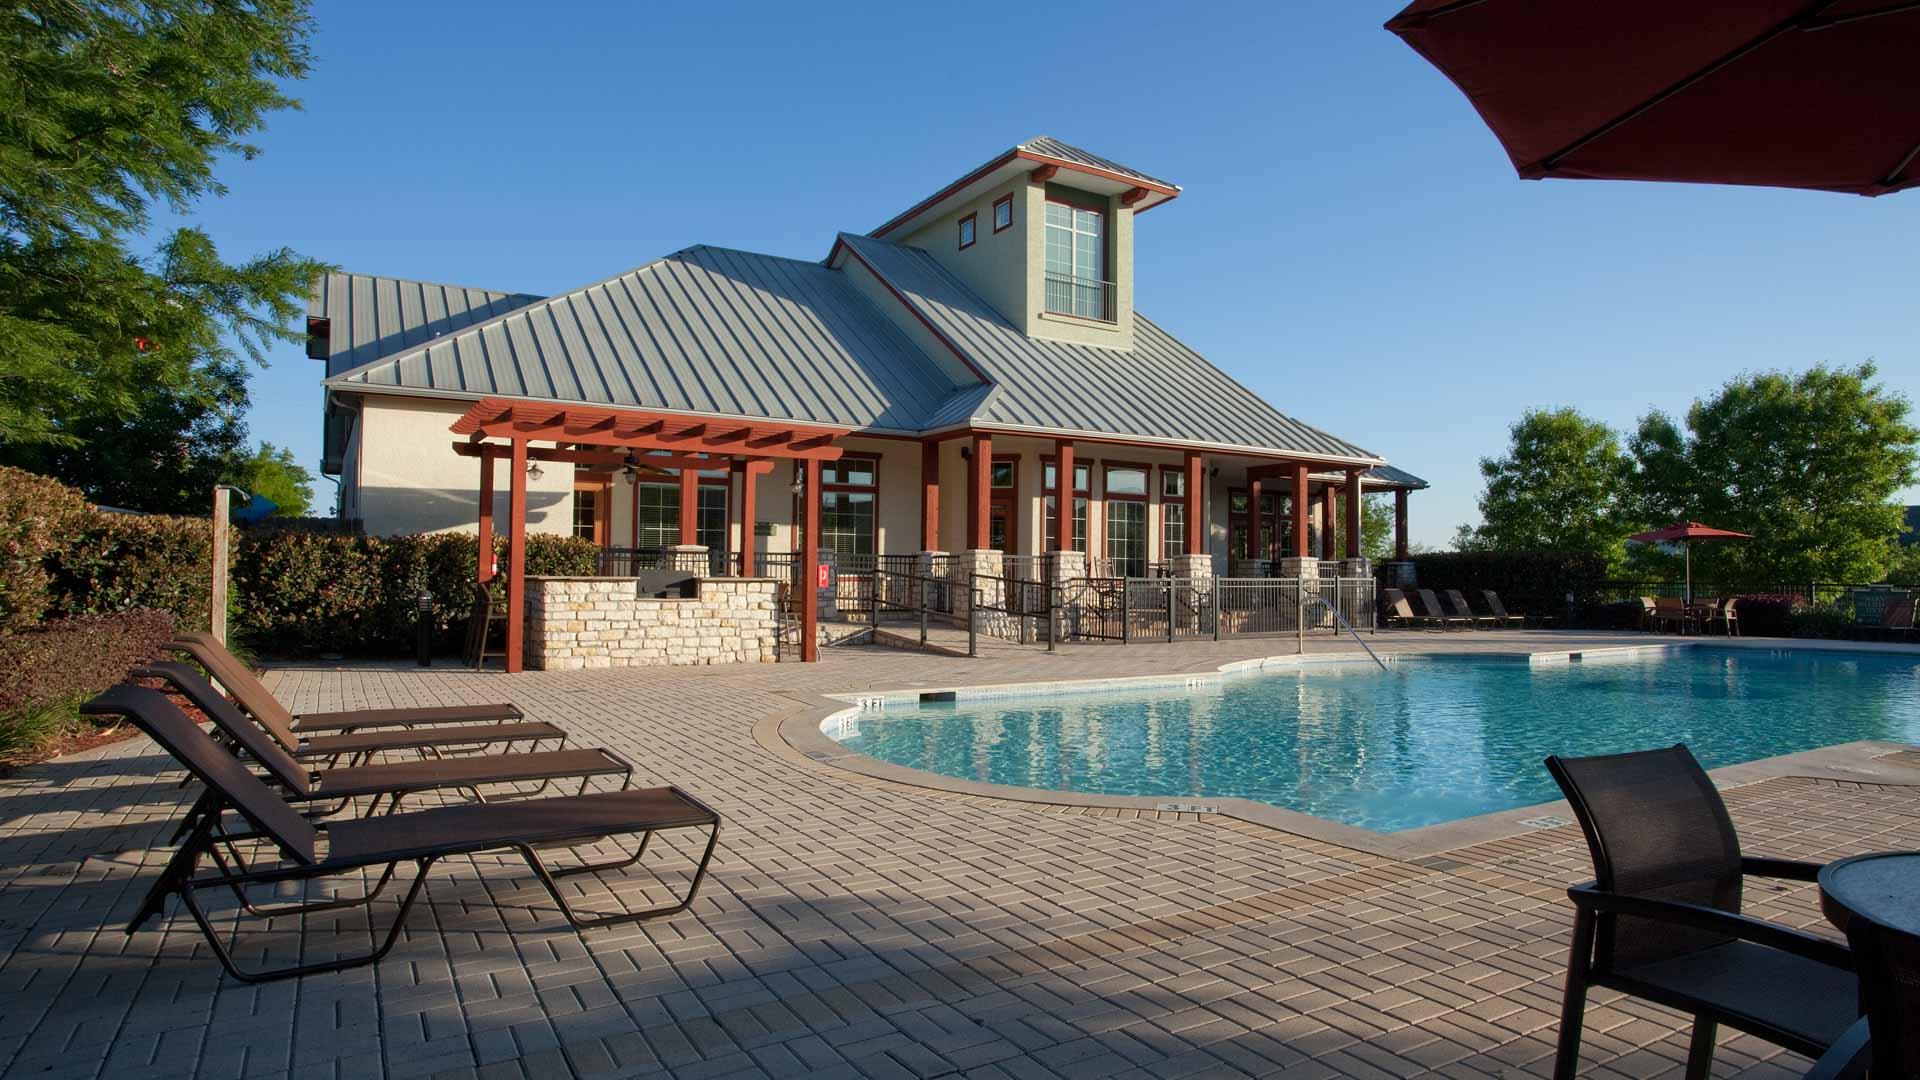 Pool at Springs at Live Oak in Live Oak, TX-24